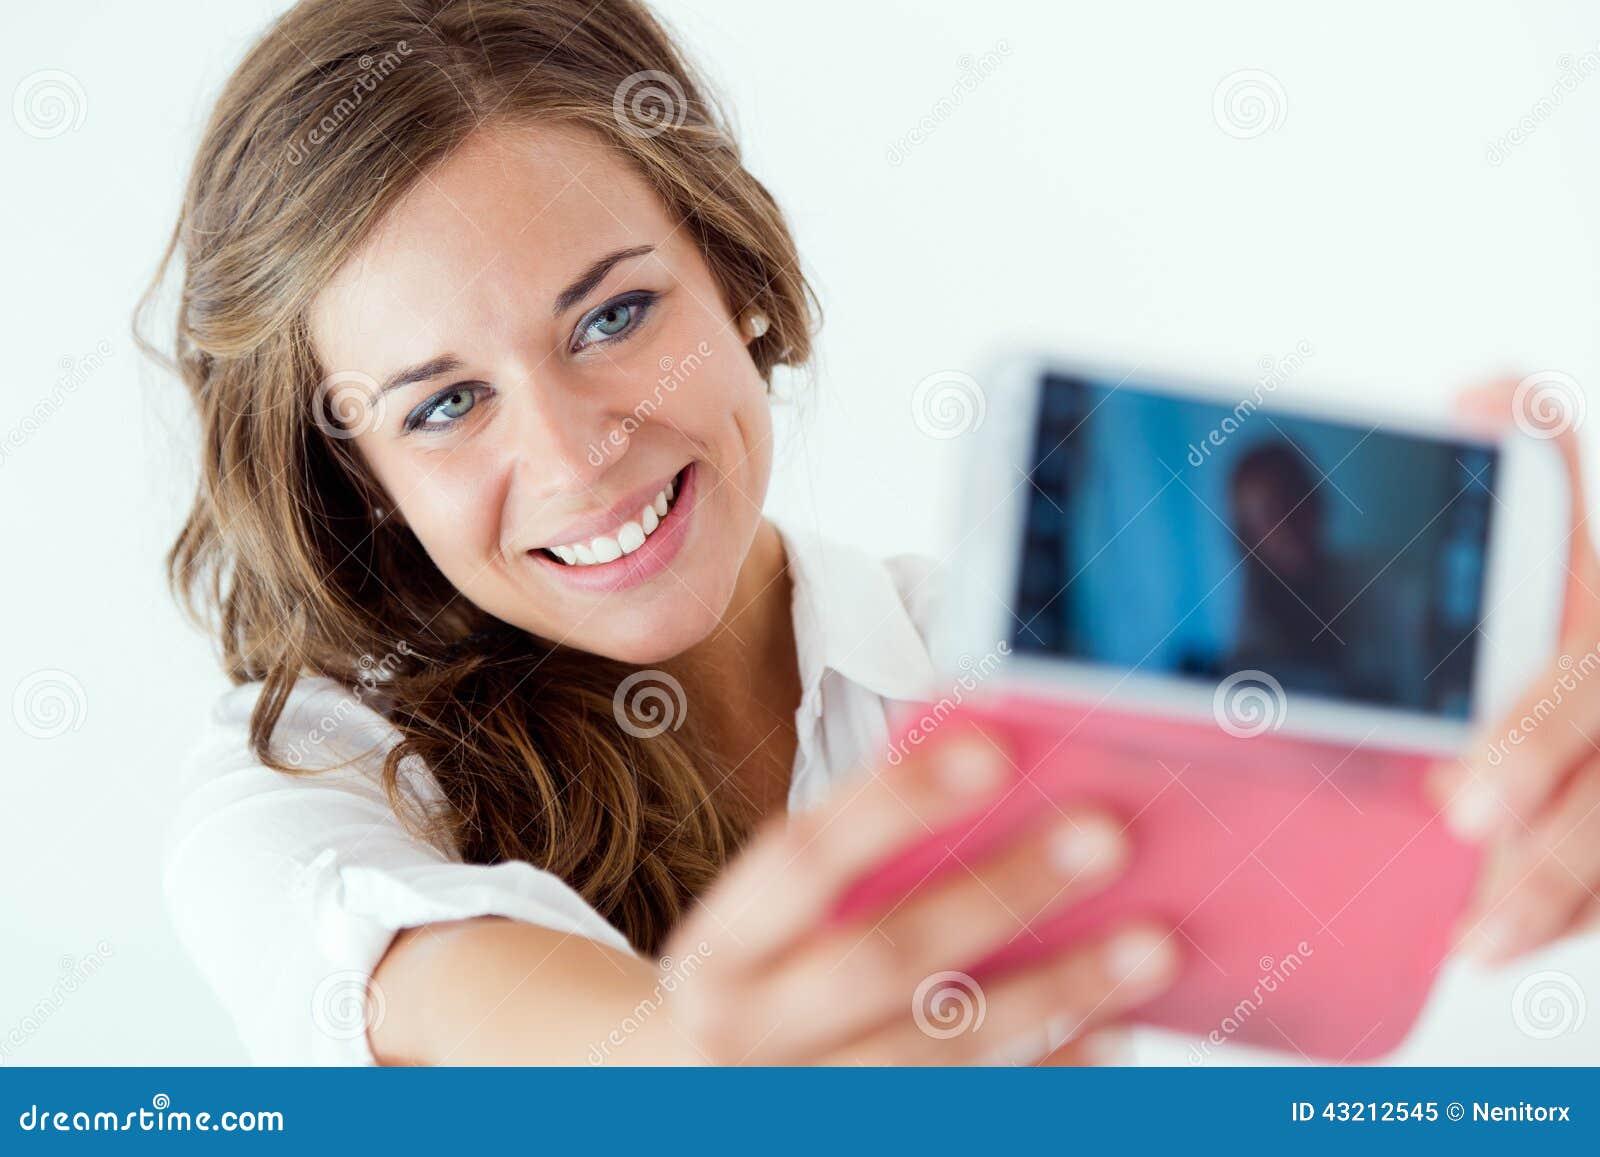 Фотографии девушек делающих 13 фотография